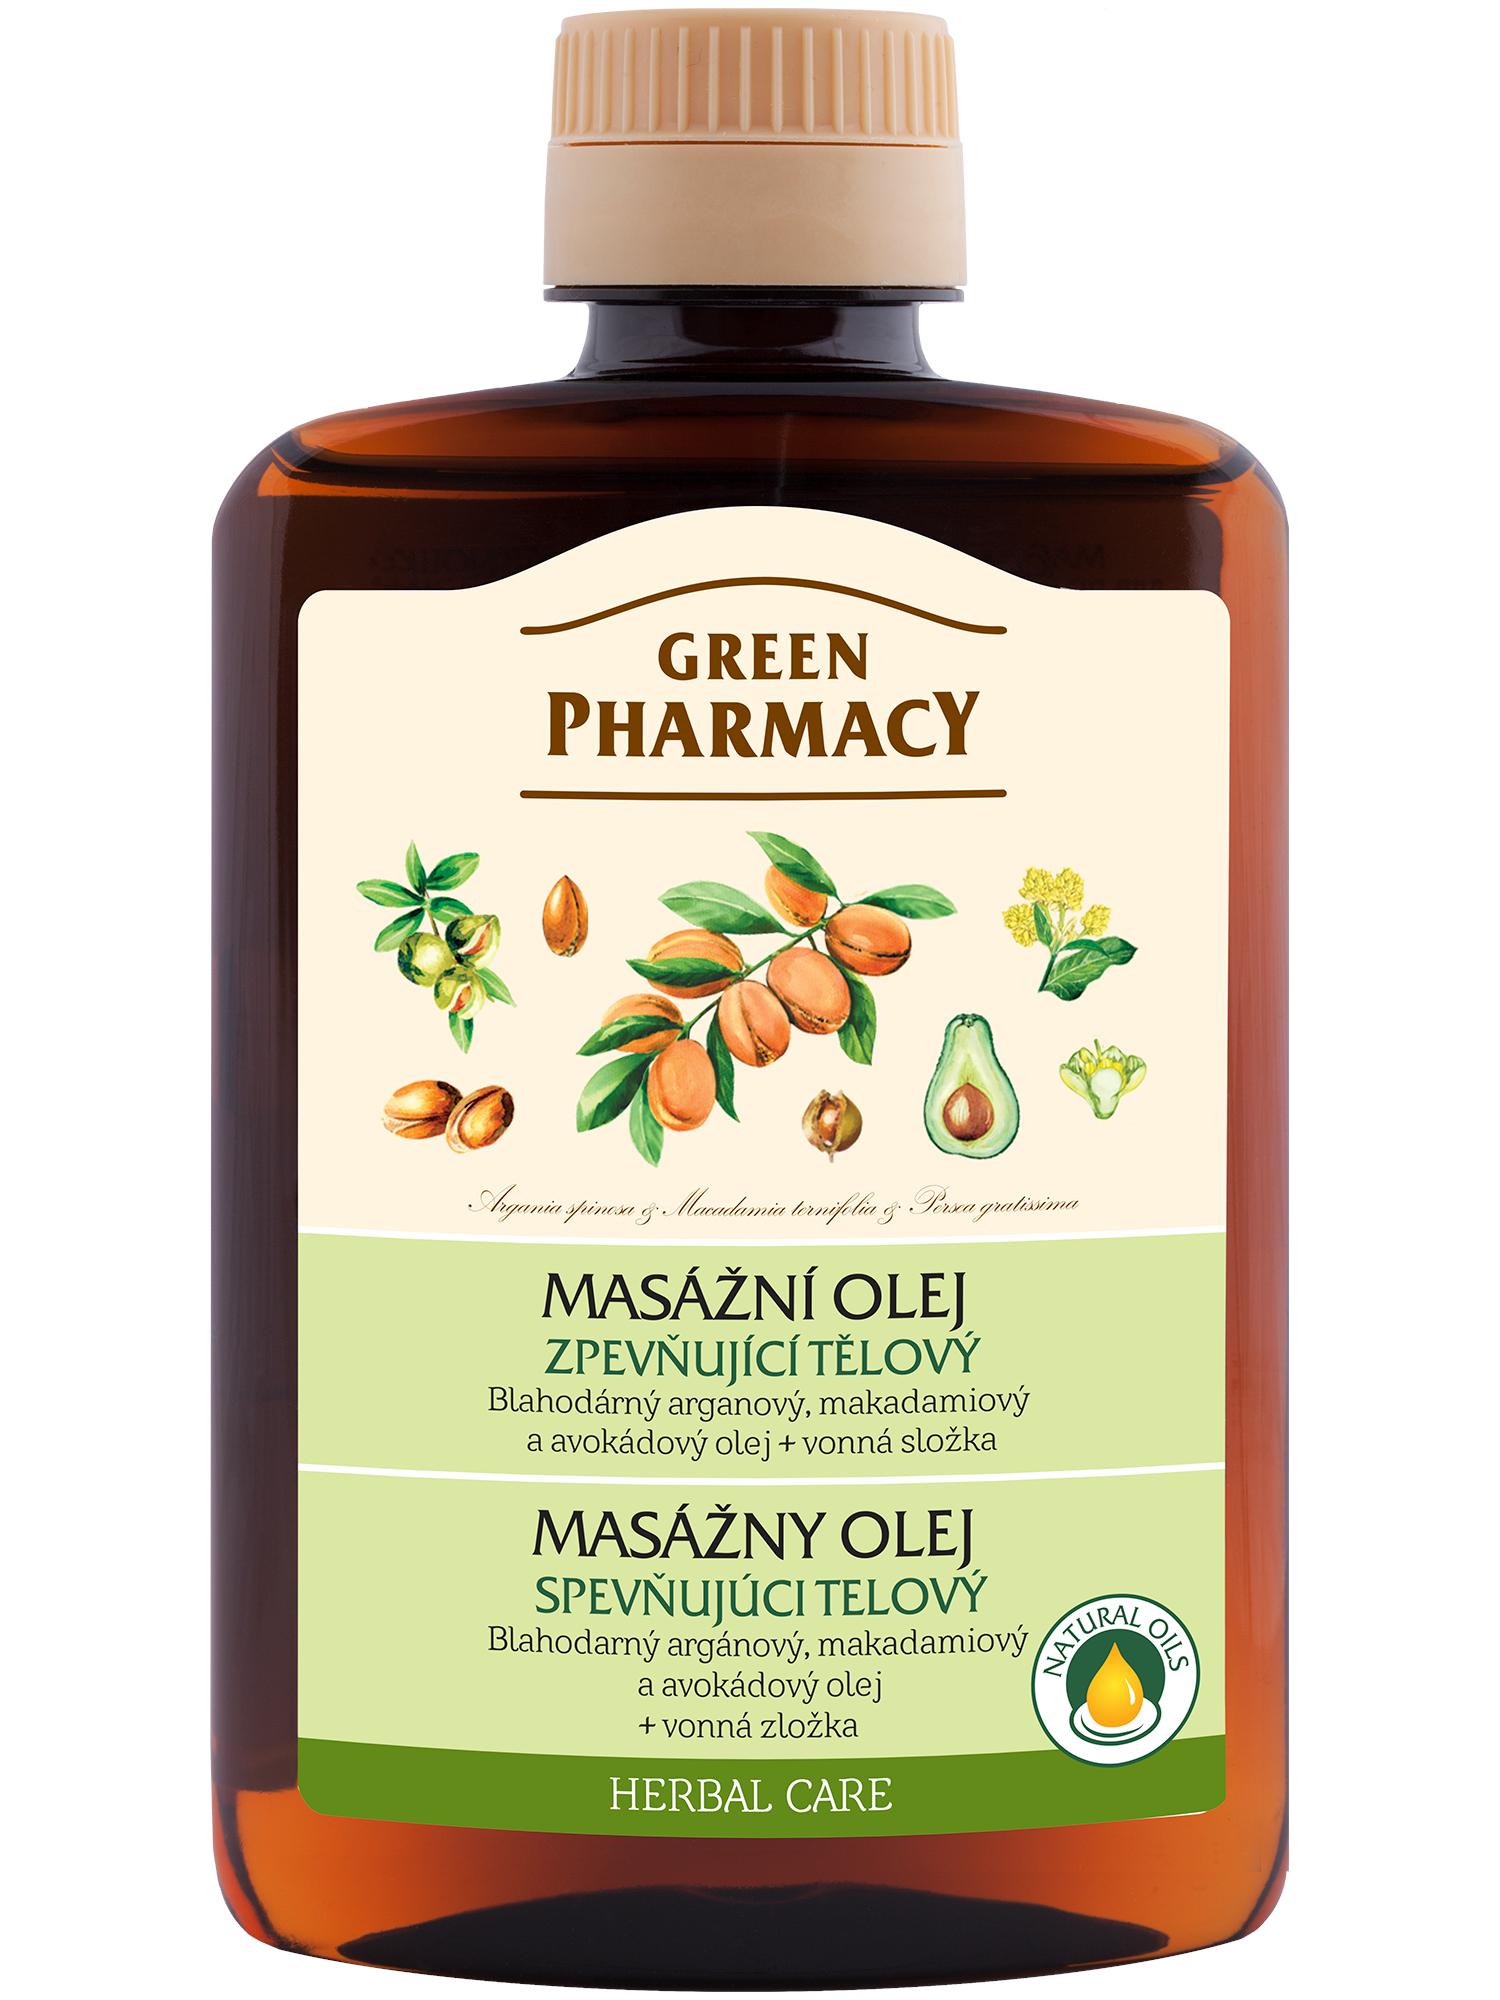 Zpevňující tělový olej Green Pharmacy - 200 ml